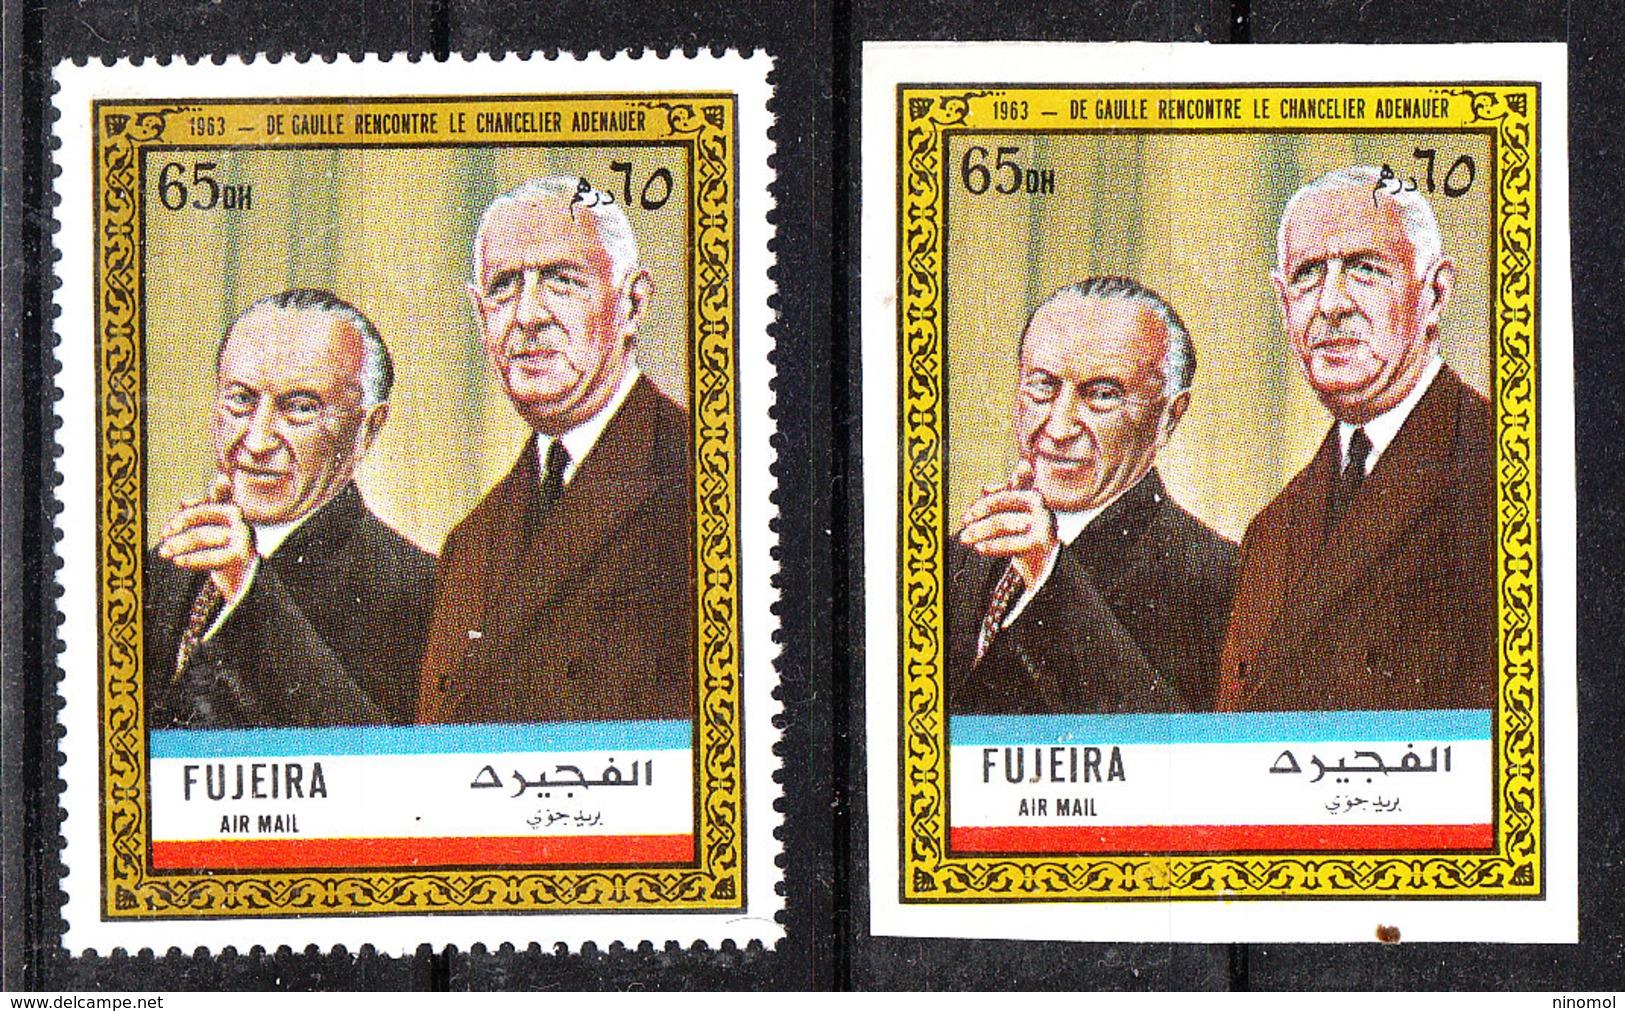 Fujeira - 1972. De Gaulle Con Adenauer. Perf.  E  Imperf. MNH  Stamps. Rare! - De Gaulle (General)